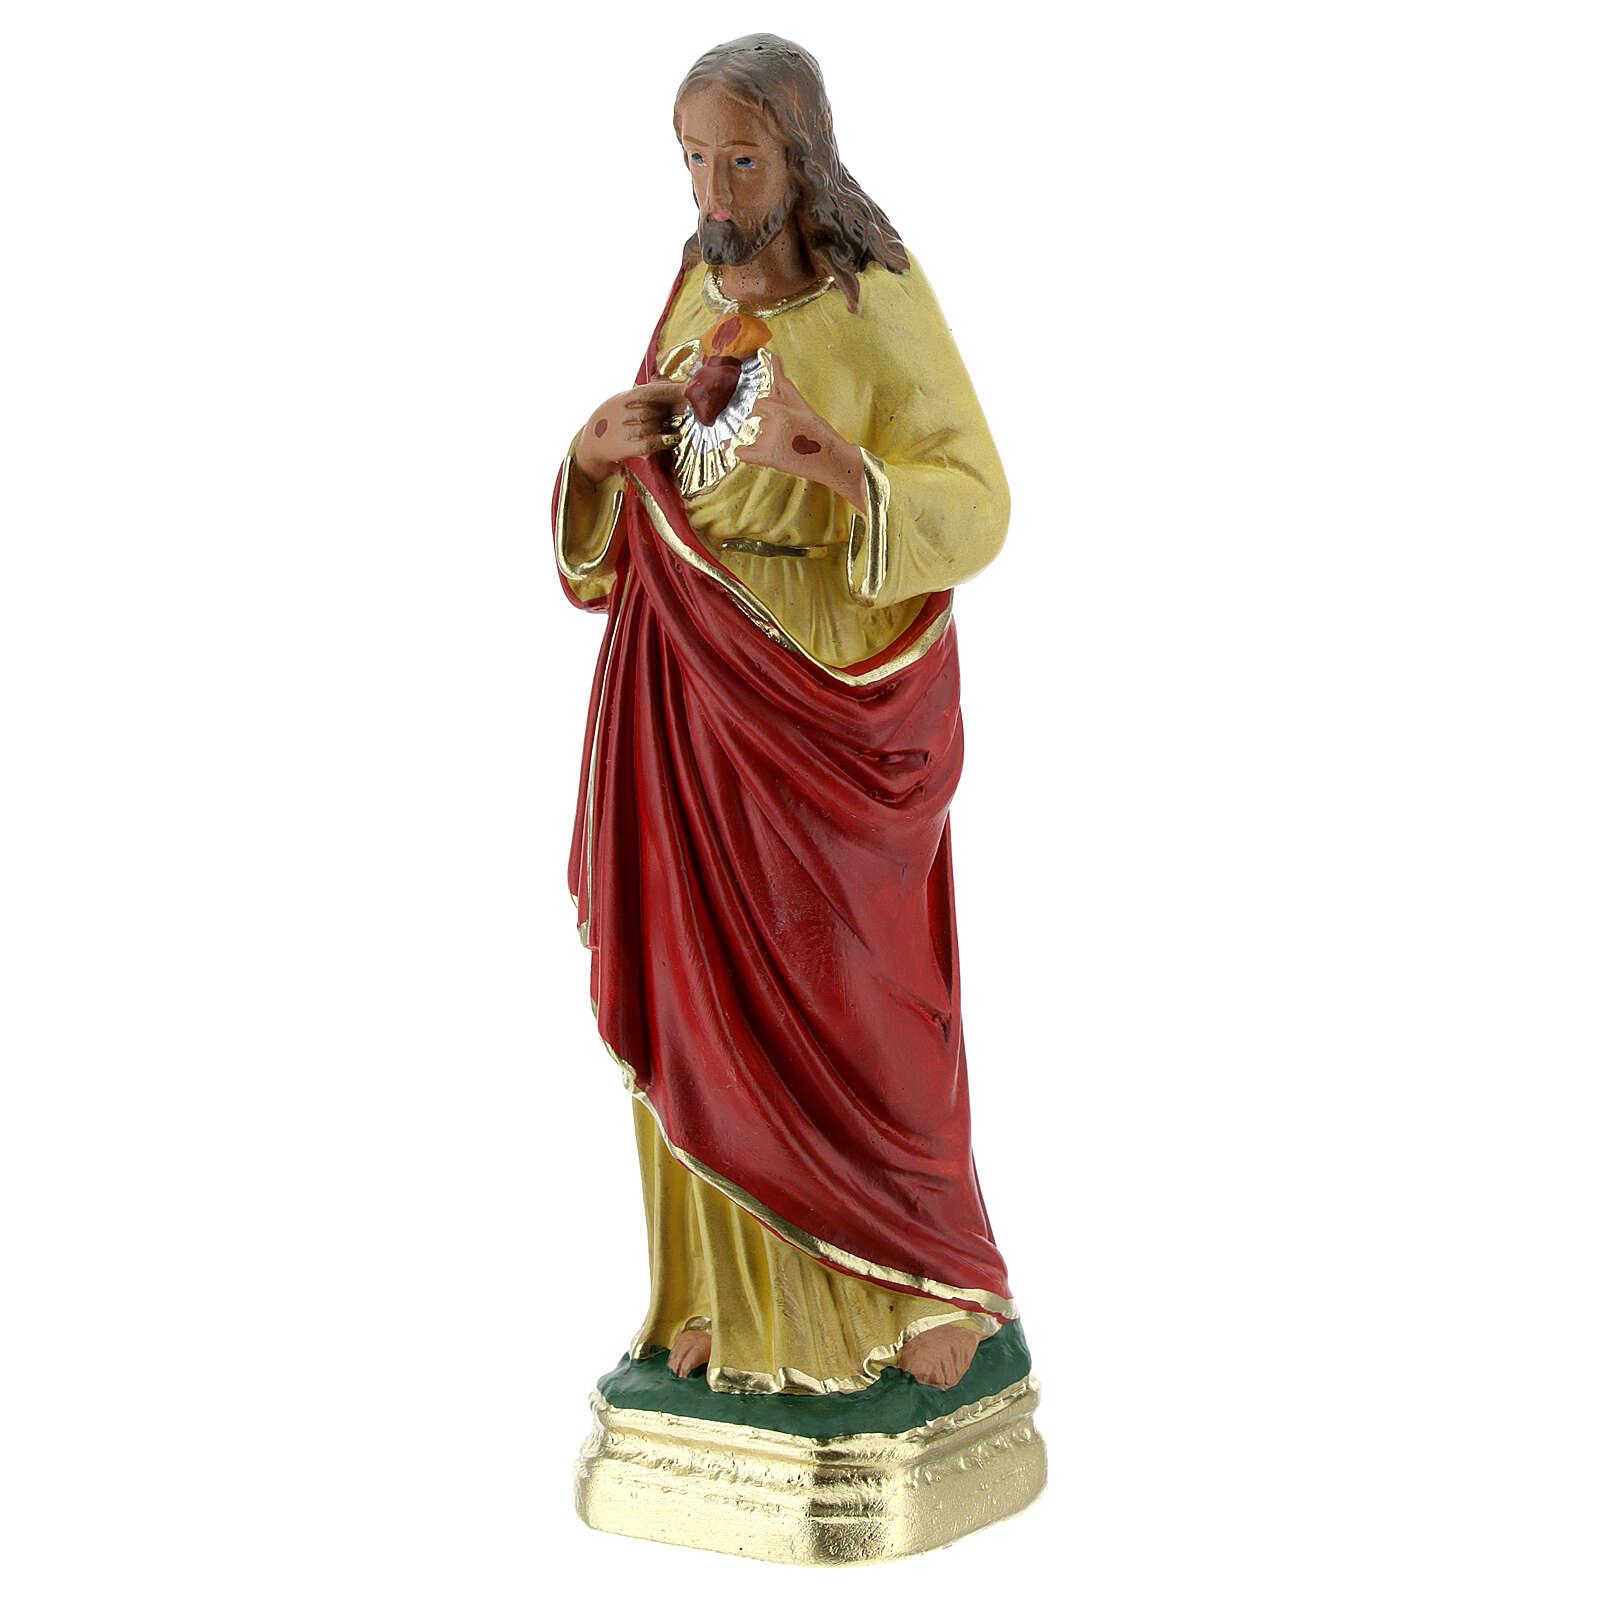 Sacro Cuore Gesù mani al petto statua gesso 15 cm Barsanti 4